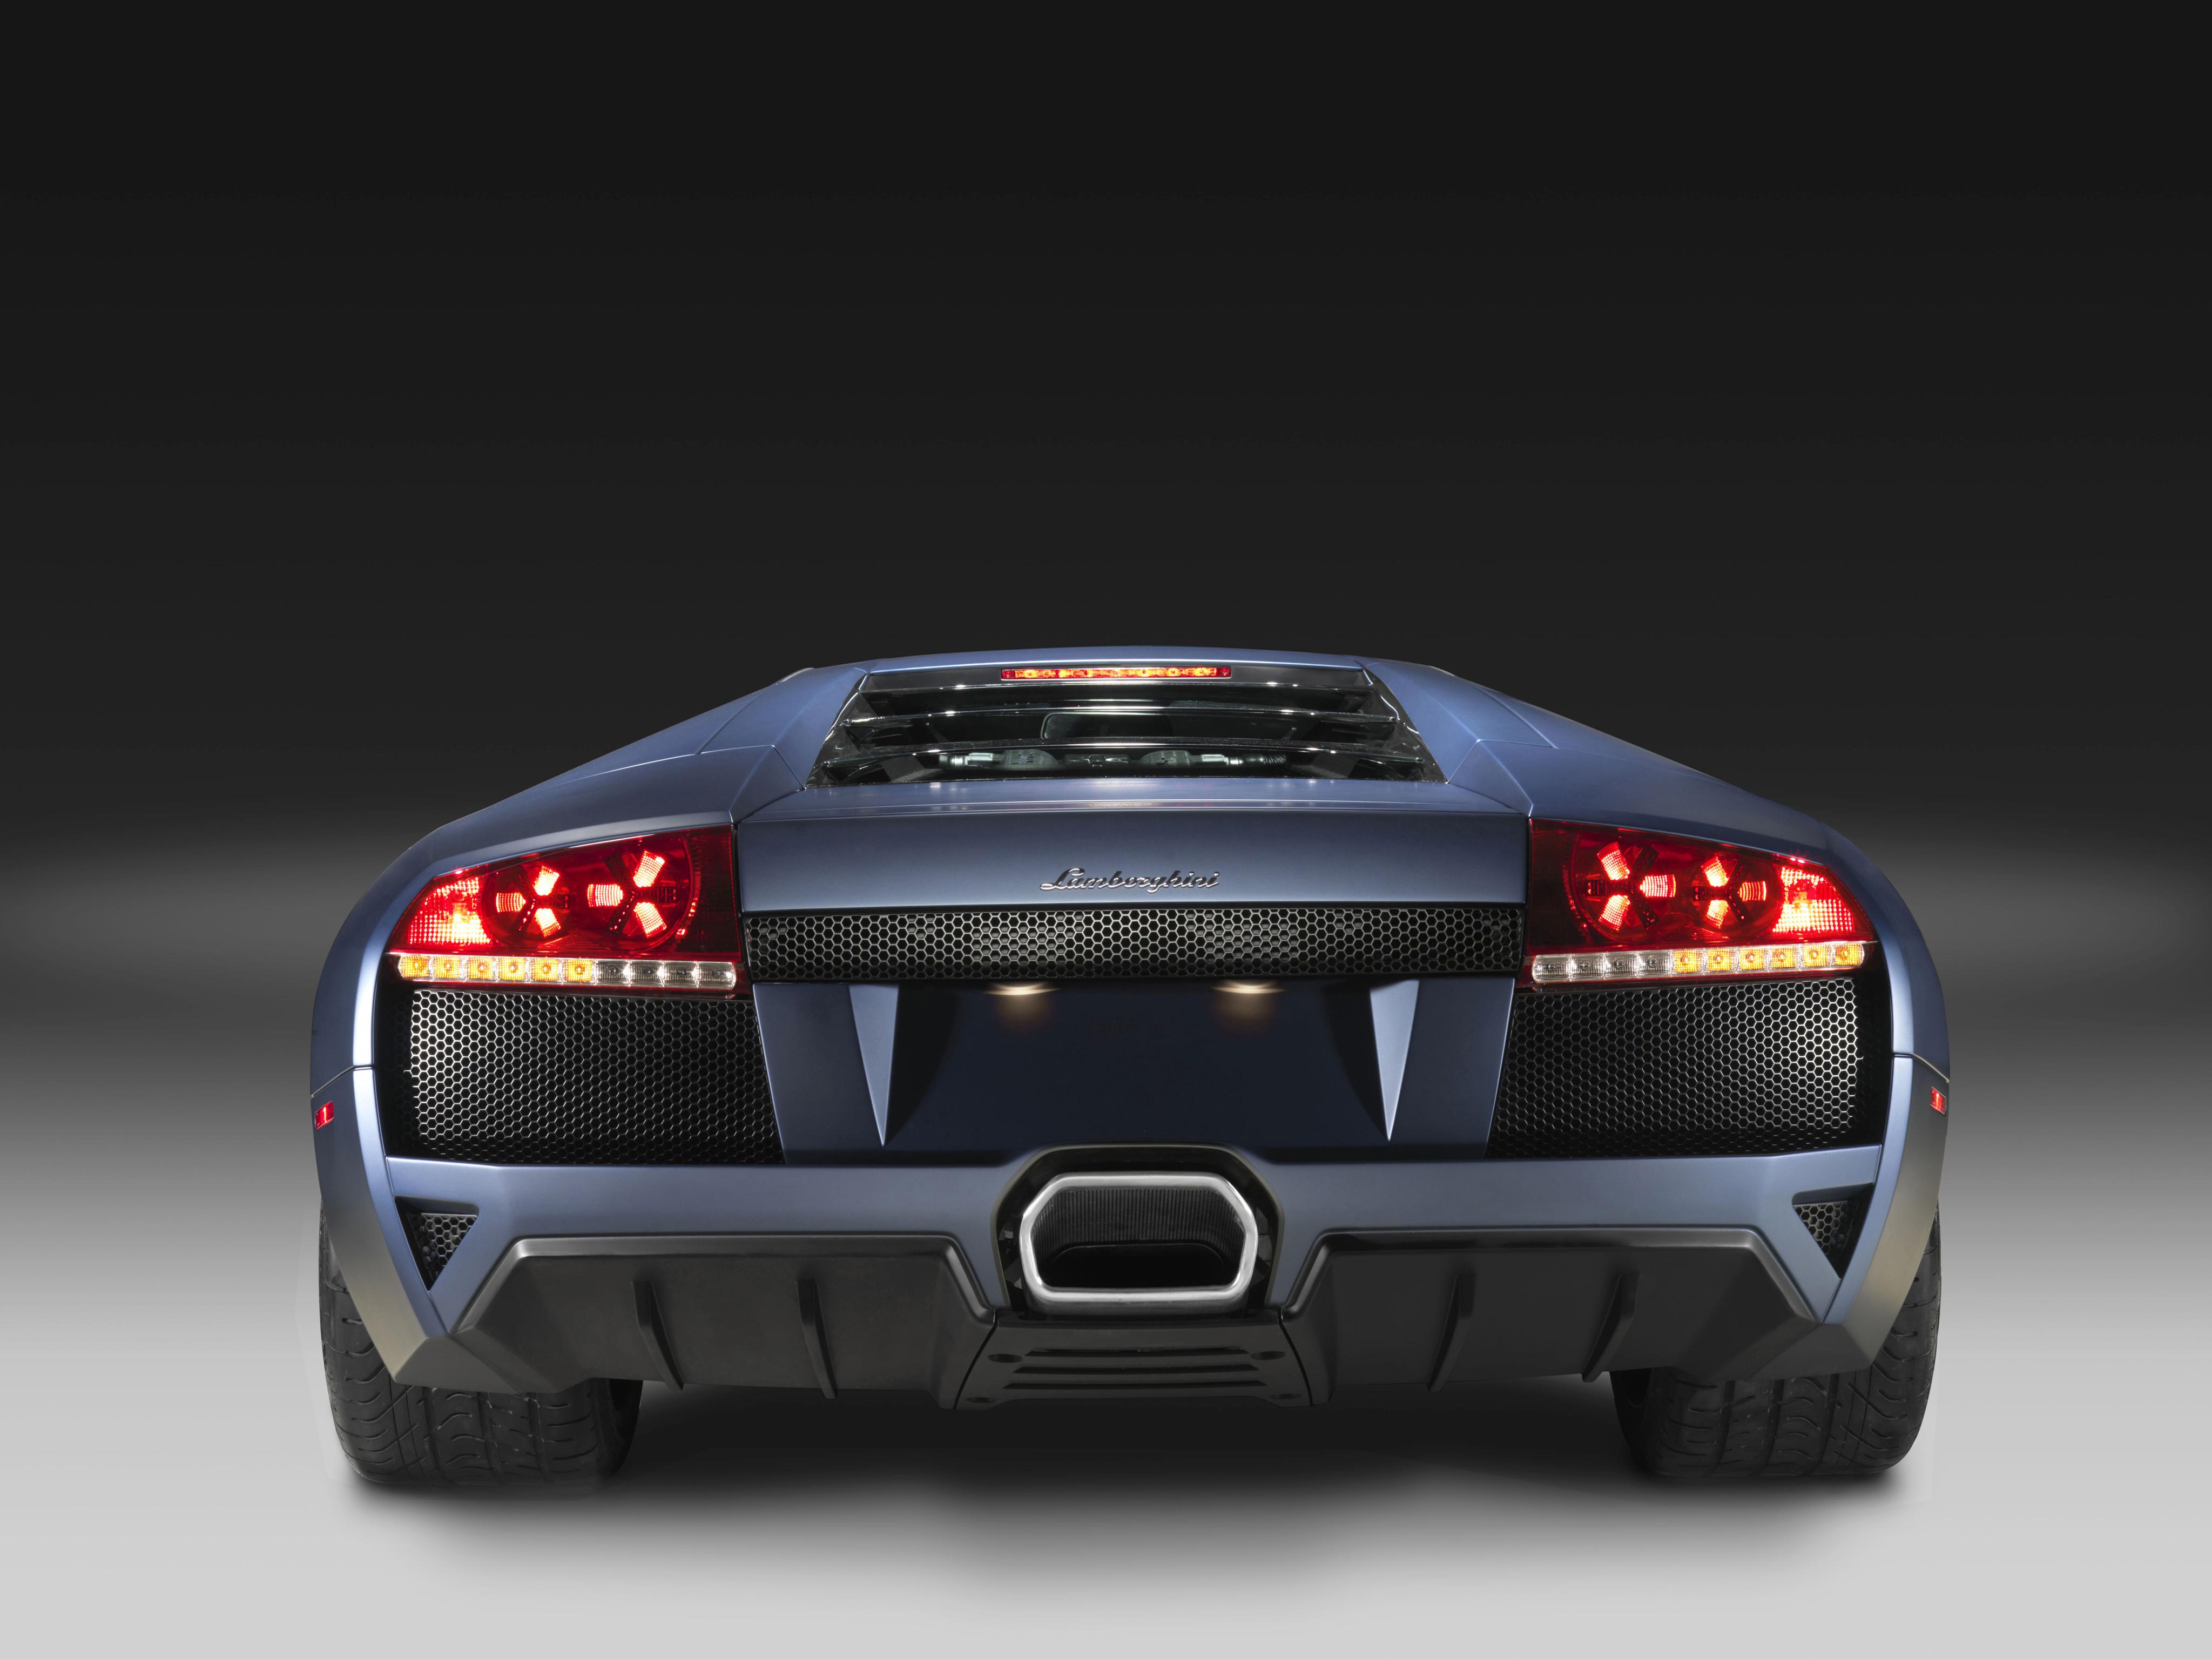 lamborghini murcielago lp 640 4k 1620170764 - Lamborghini Murcielago LP 640 4k - Lamborghini Murcielago LP 640 4k wallpapers